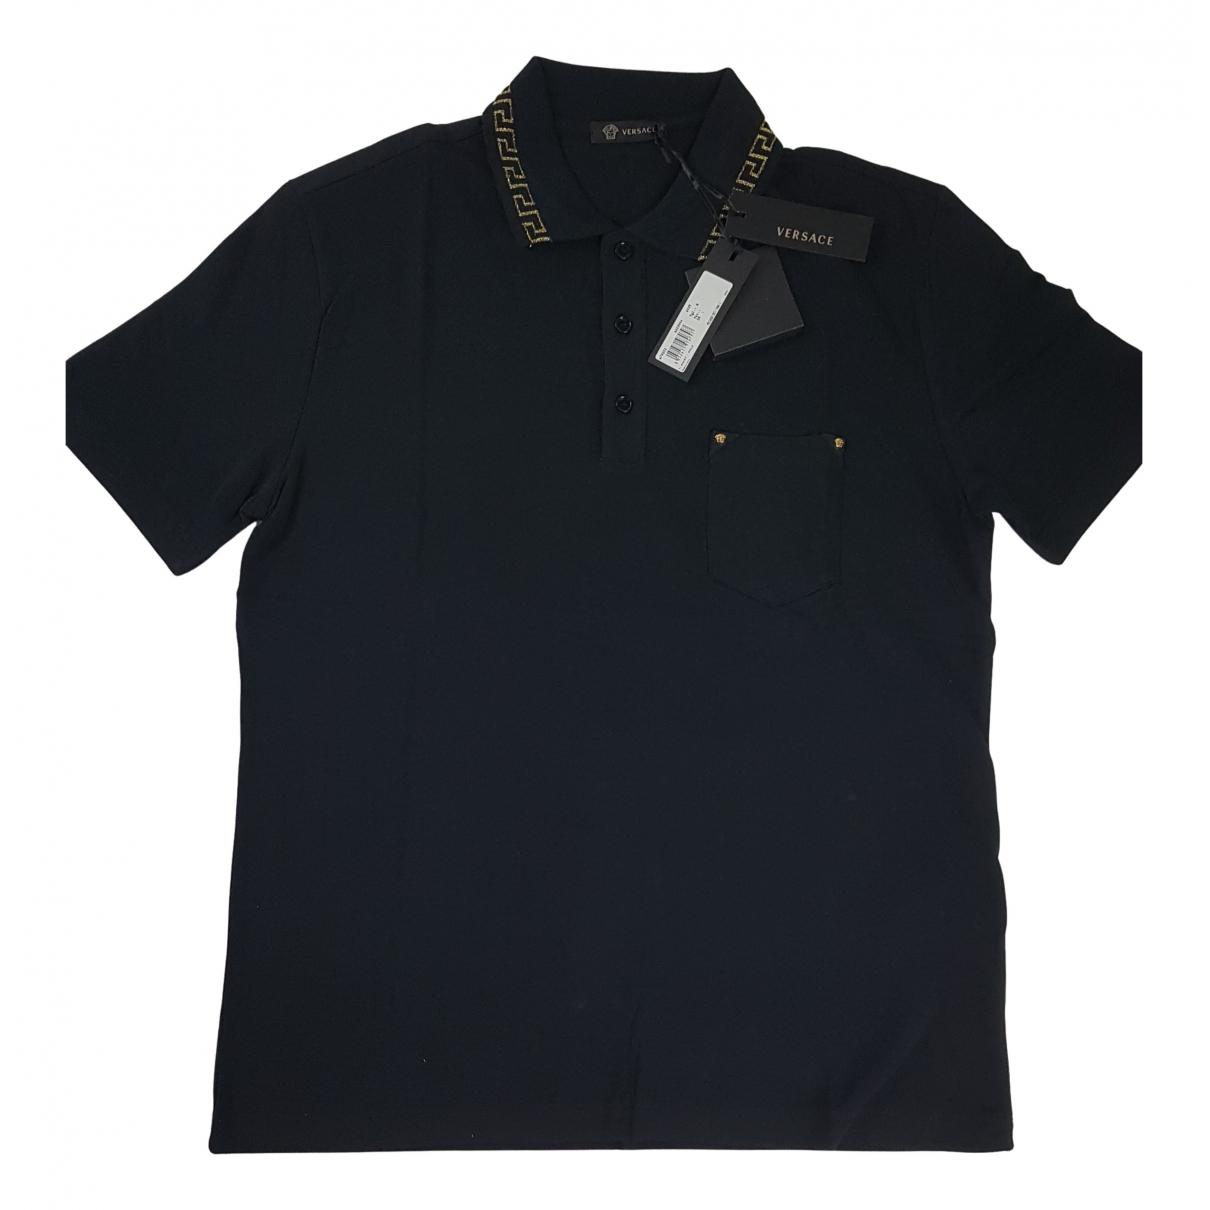 Gianni Versace - Polos   pour homme en coton - noir